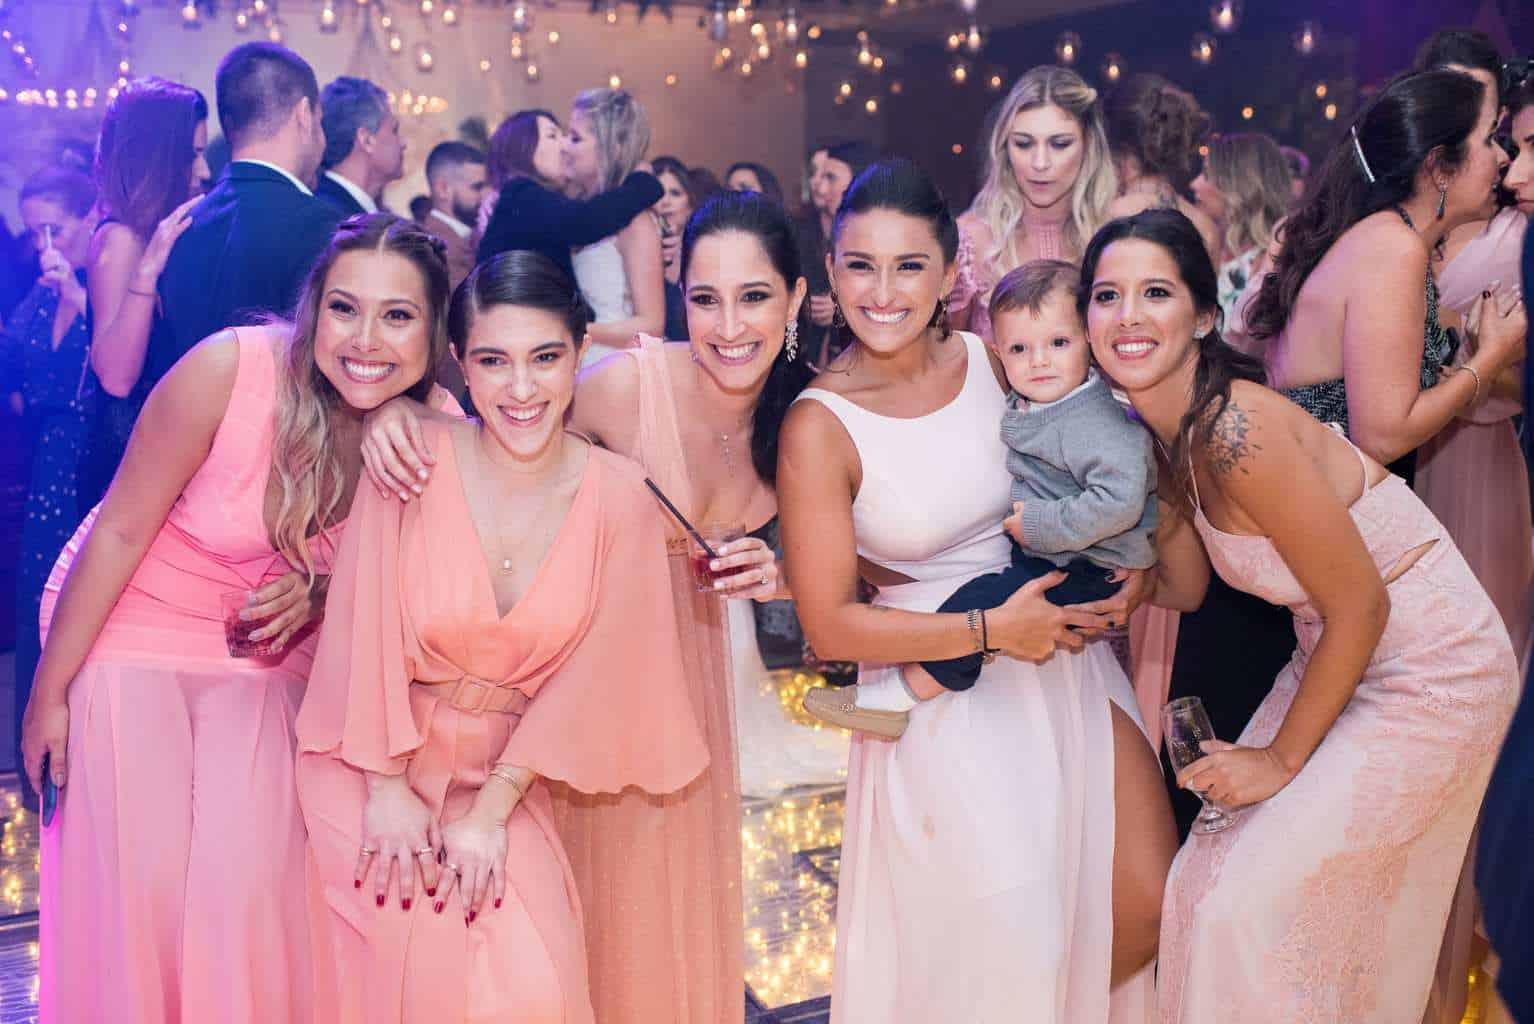 casamento-de-dia-casamento-Nicole-e-Thales-casamento-no-jardim-csasamento-ao-ar-livre-Fotografia-Marina-Fava-Galeria-Jardim-Rio-de-Janeiro-131